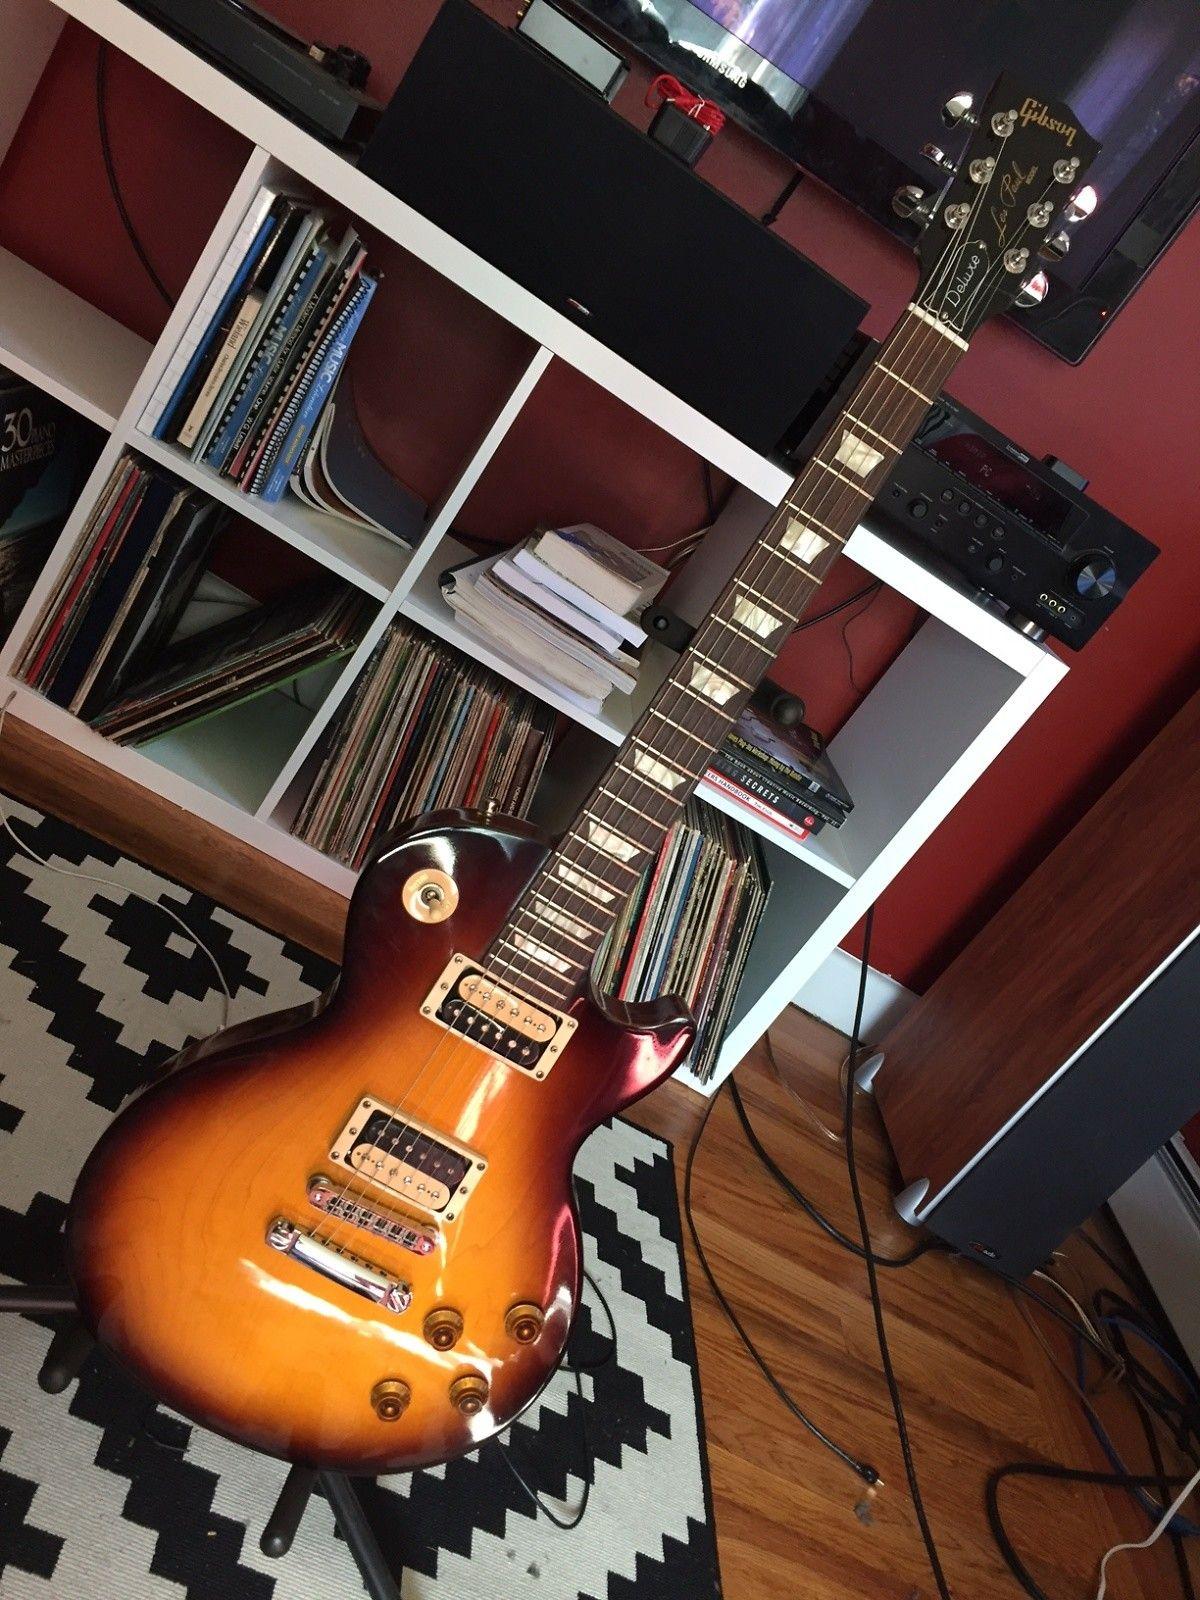 Gibson Les Paul Studio Deluxe 2010 Sunburst | Reverb